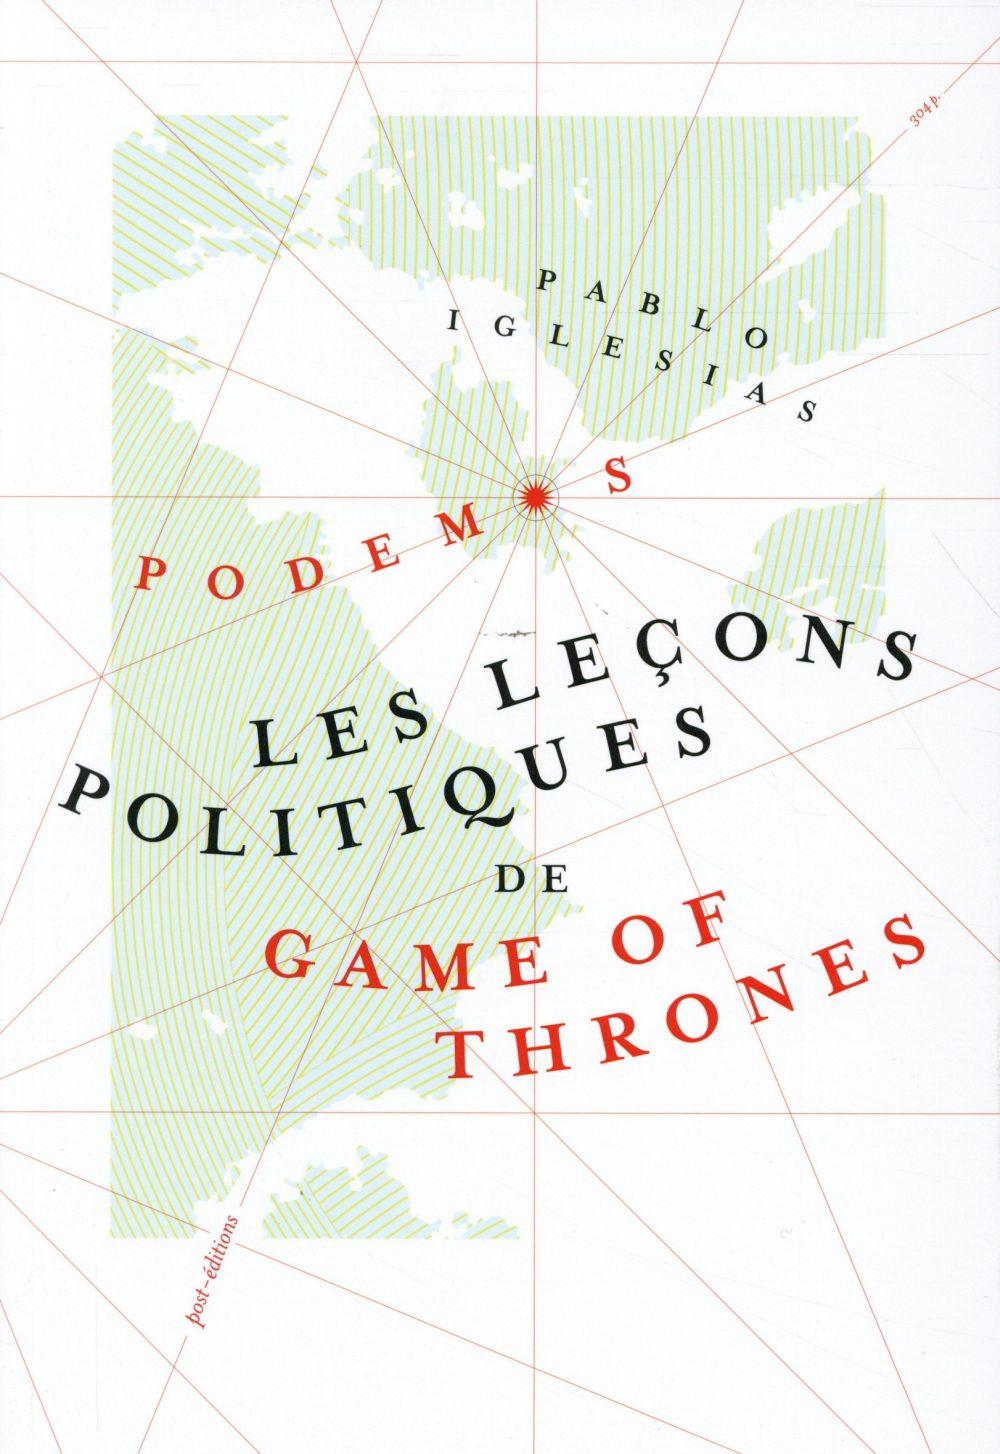 Les leçons politiques de Game of thrones